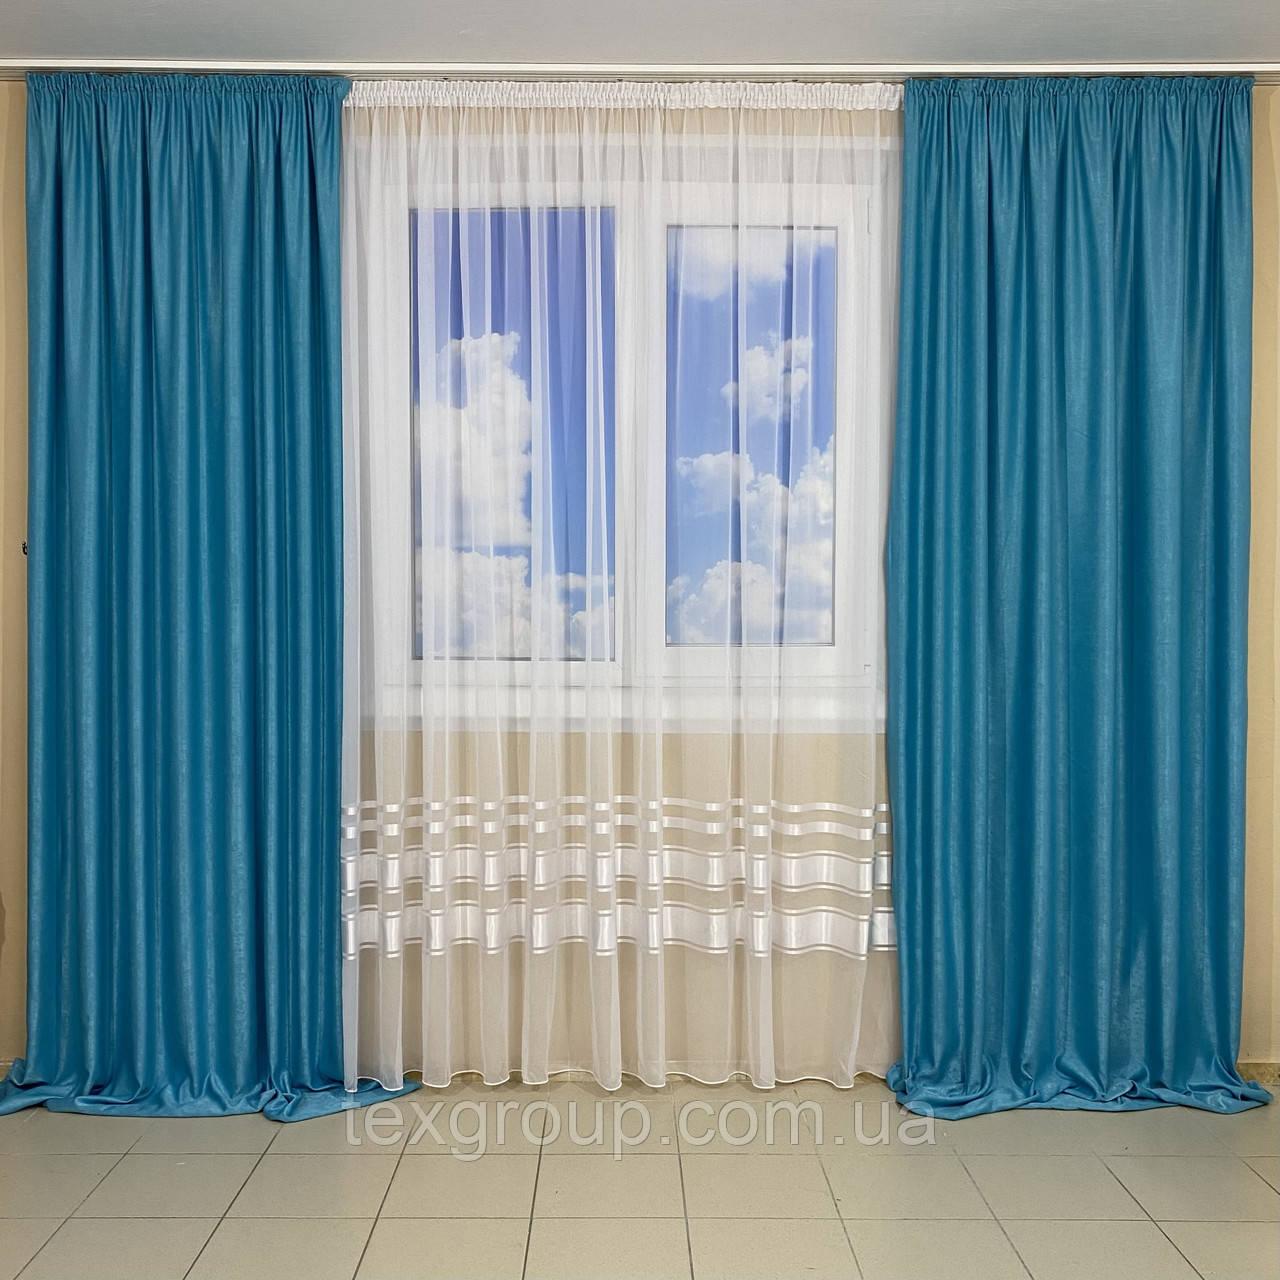 Готові штори з тюлем №435 Софт і шифон